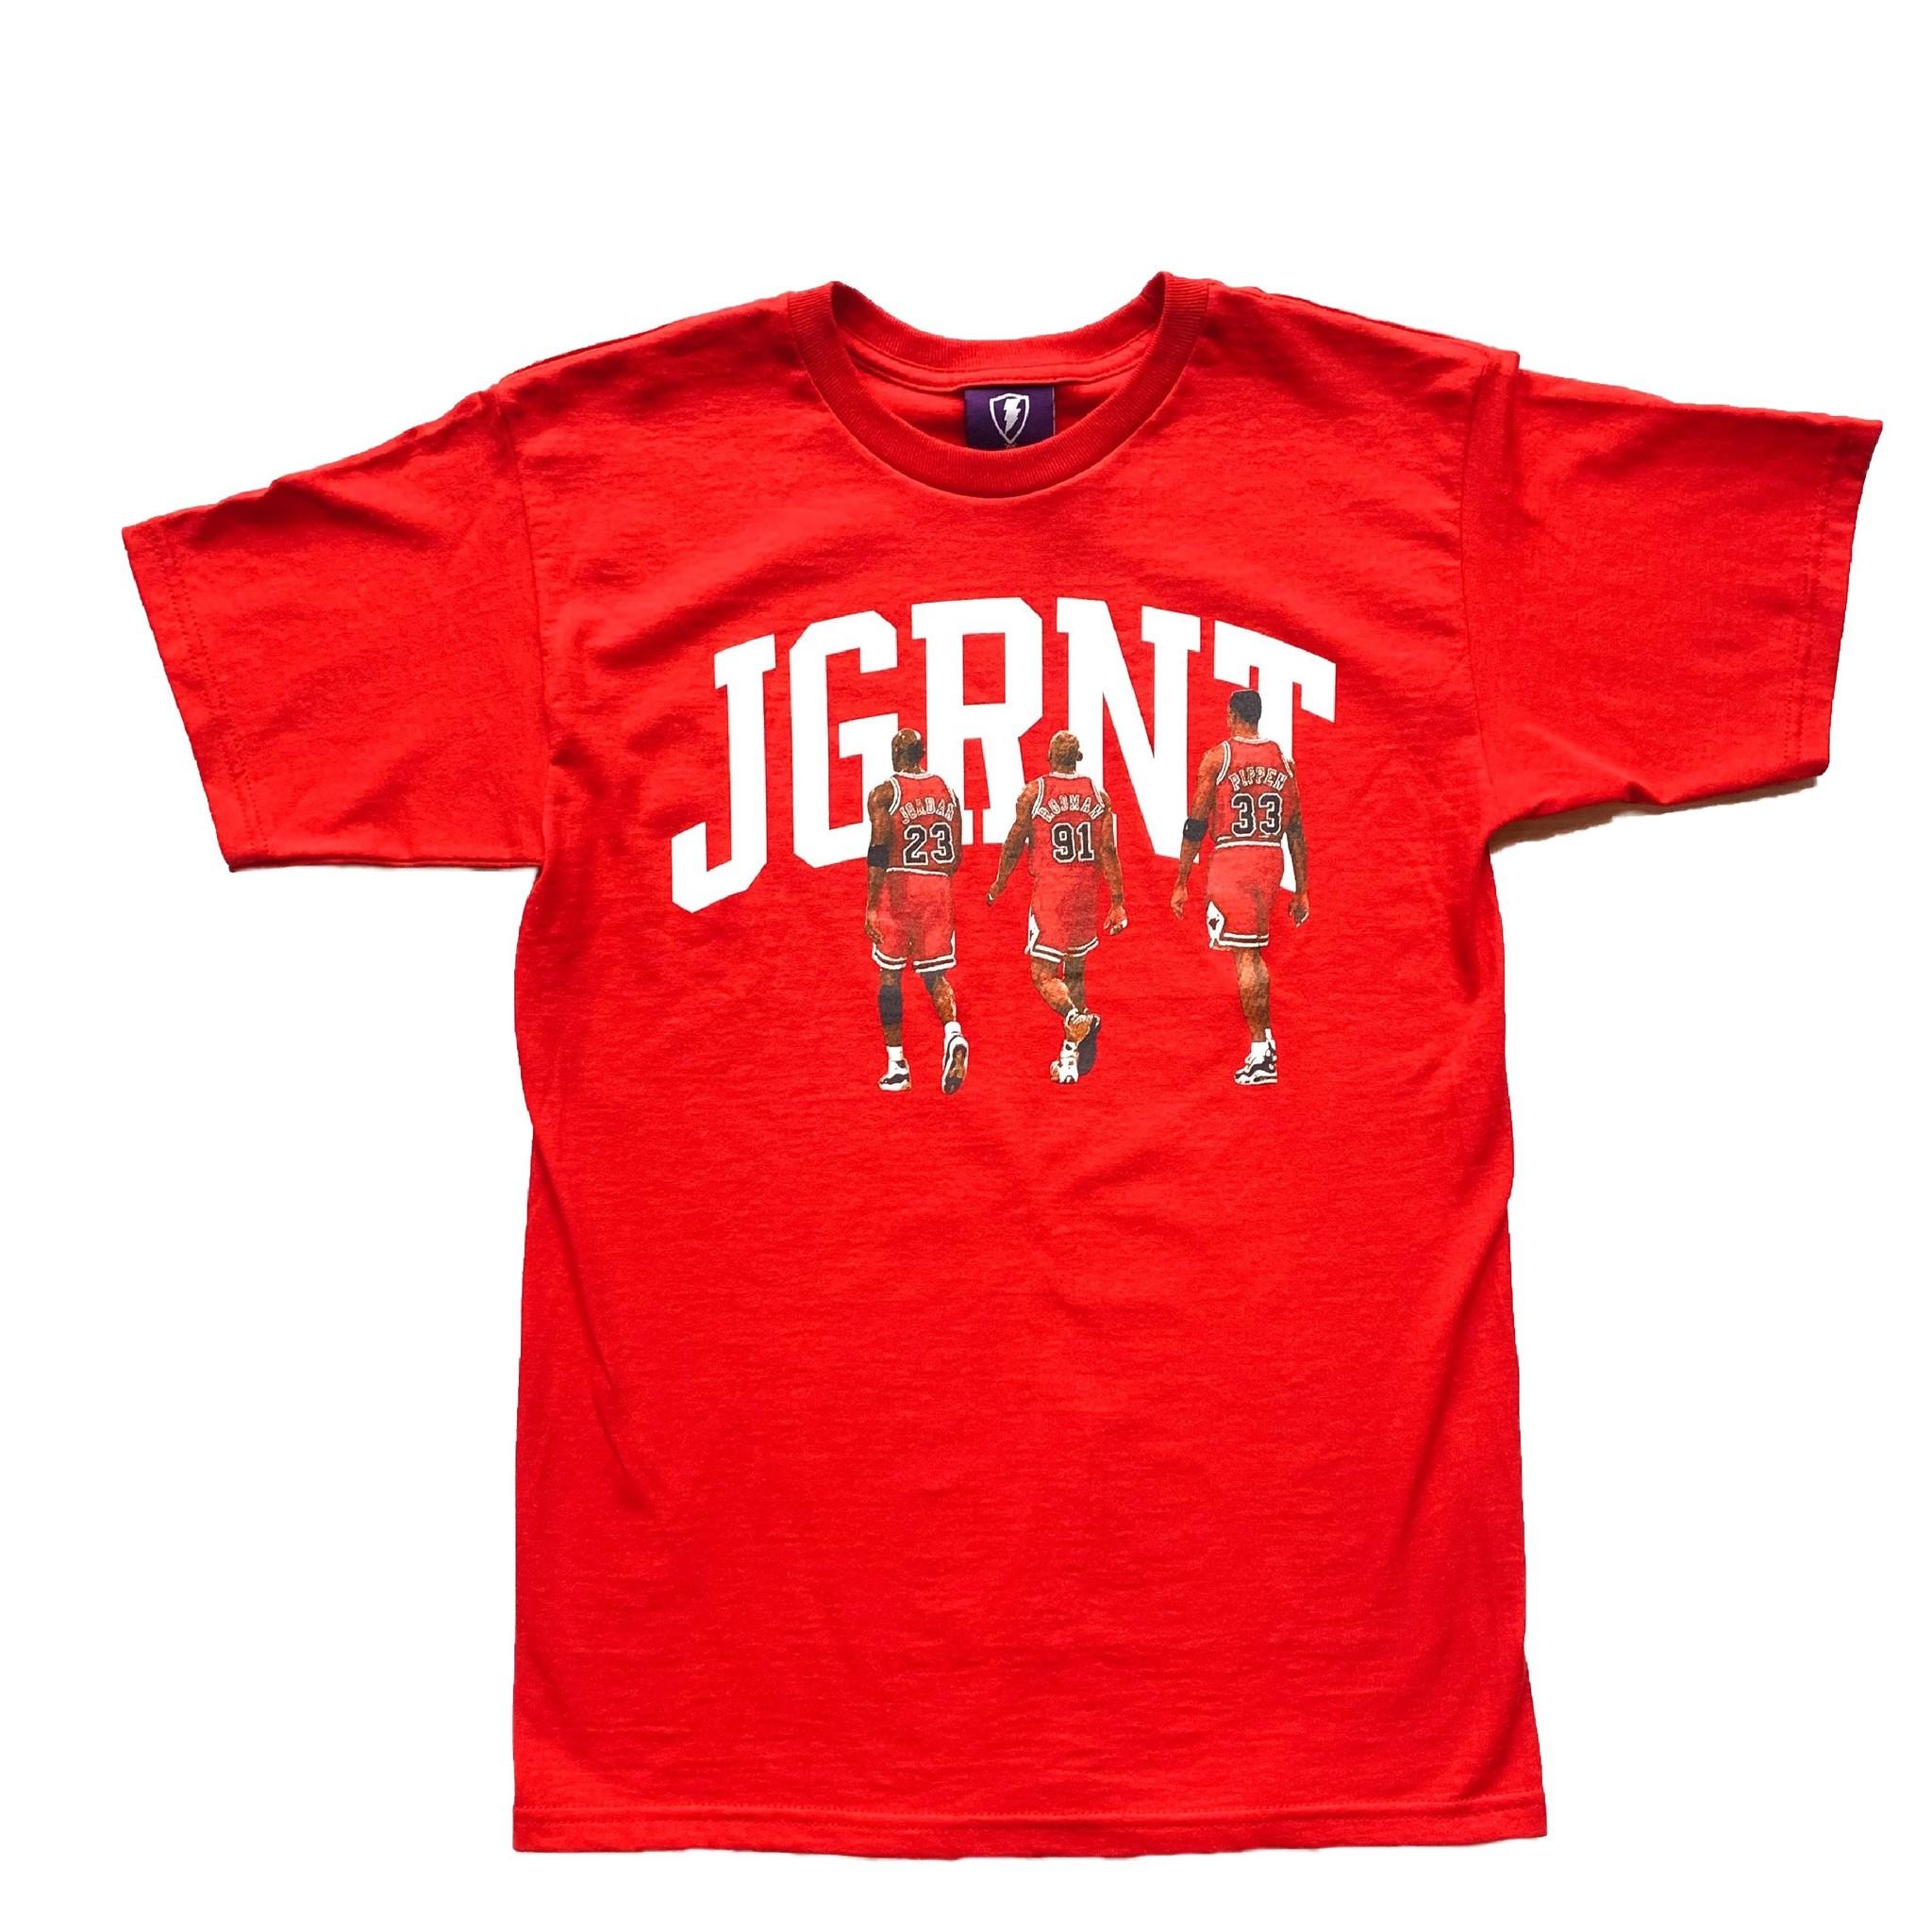 Jugrnaut Jugrnaut Dynasty Tee Red